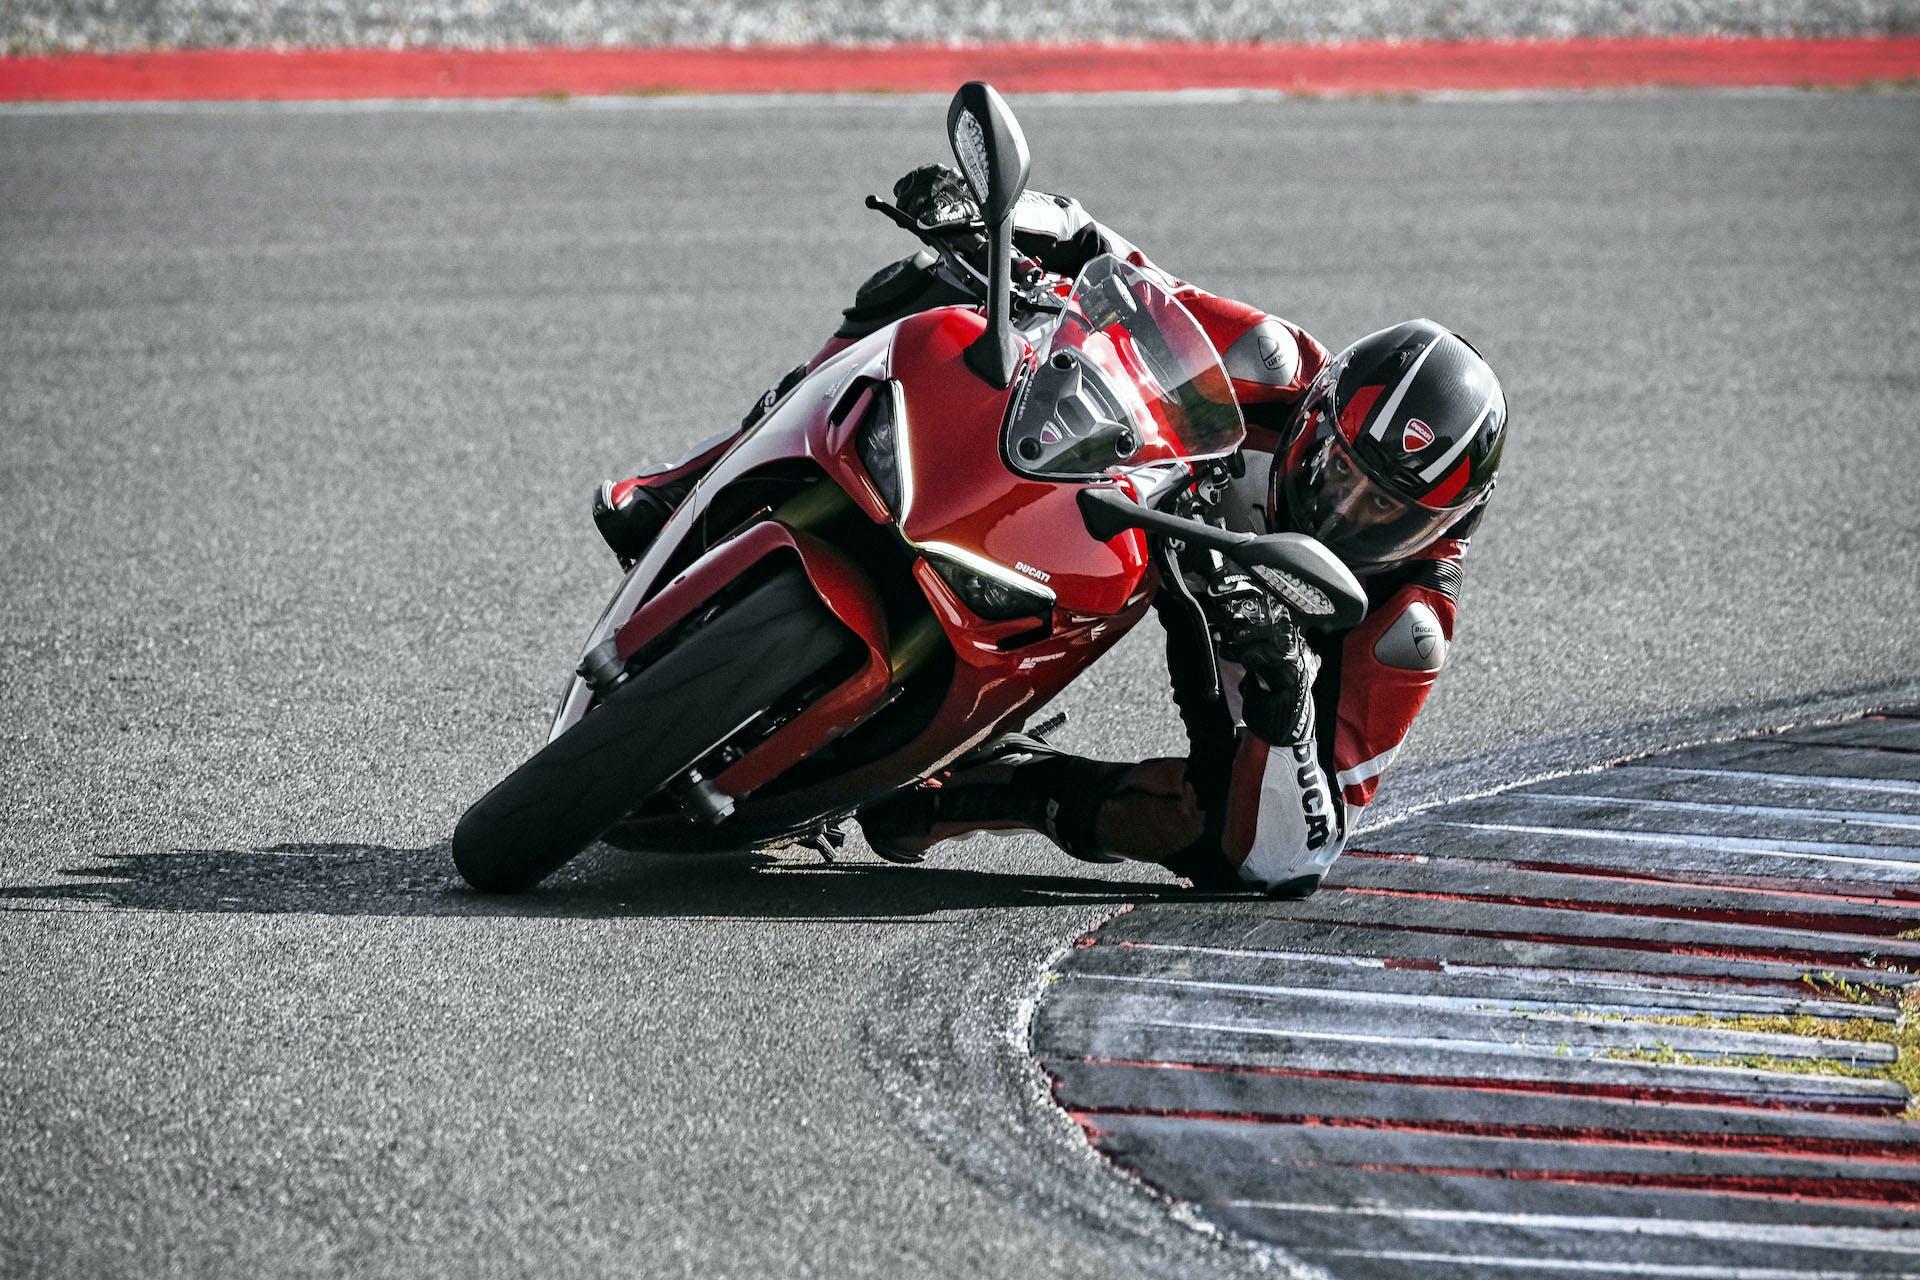 Ducati Supersport 950 2021 migliori moto per neopatentati A2